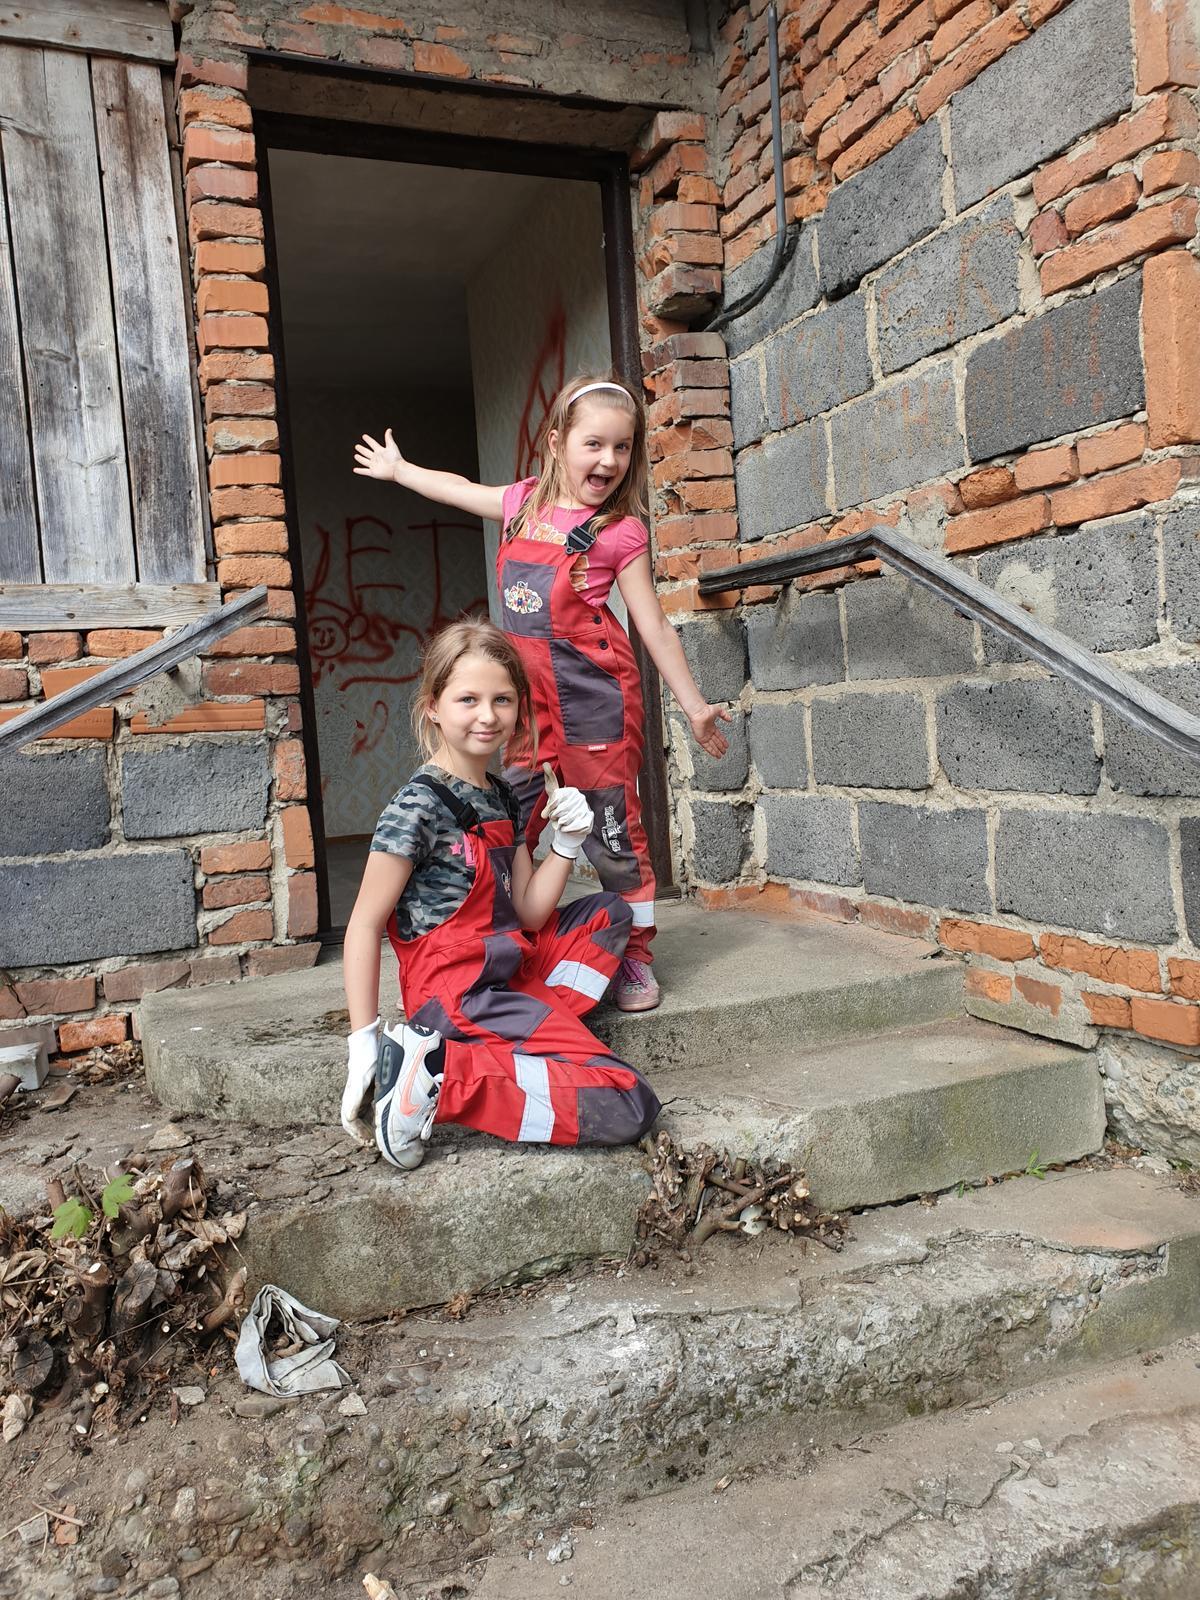 Rekonštrukcia domu-alebo chceme si splniť sen =》🏠🌻🌼🐶  mat domcek a vratit sa na Slovensko - Obrázok č. 61